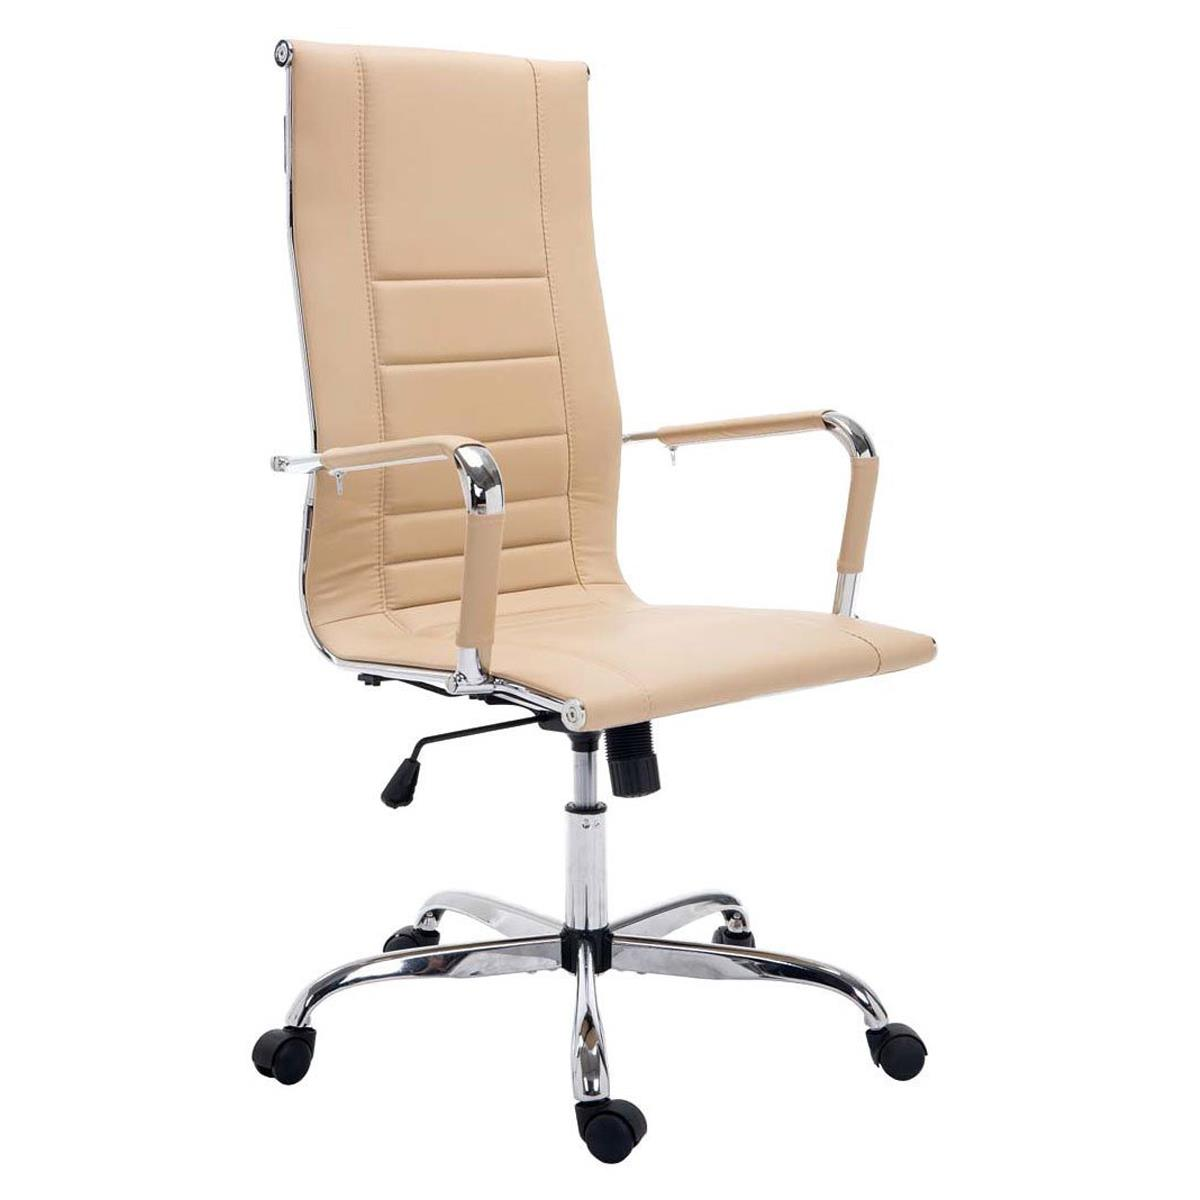 Sedia per ufficio kola struttura in metallo cromato for Sedia design ufficio